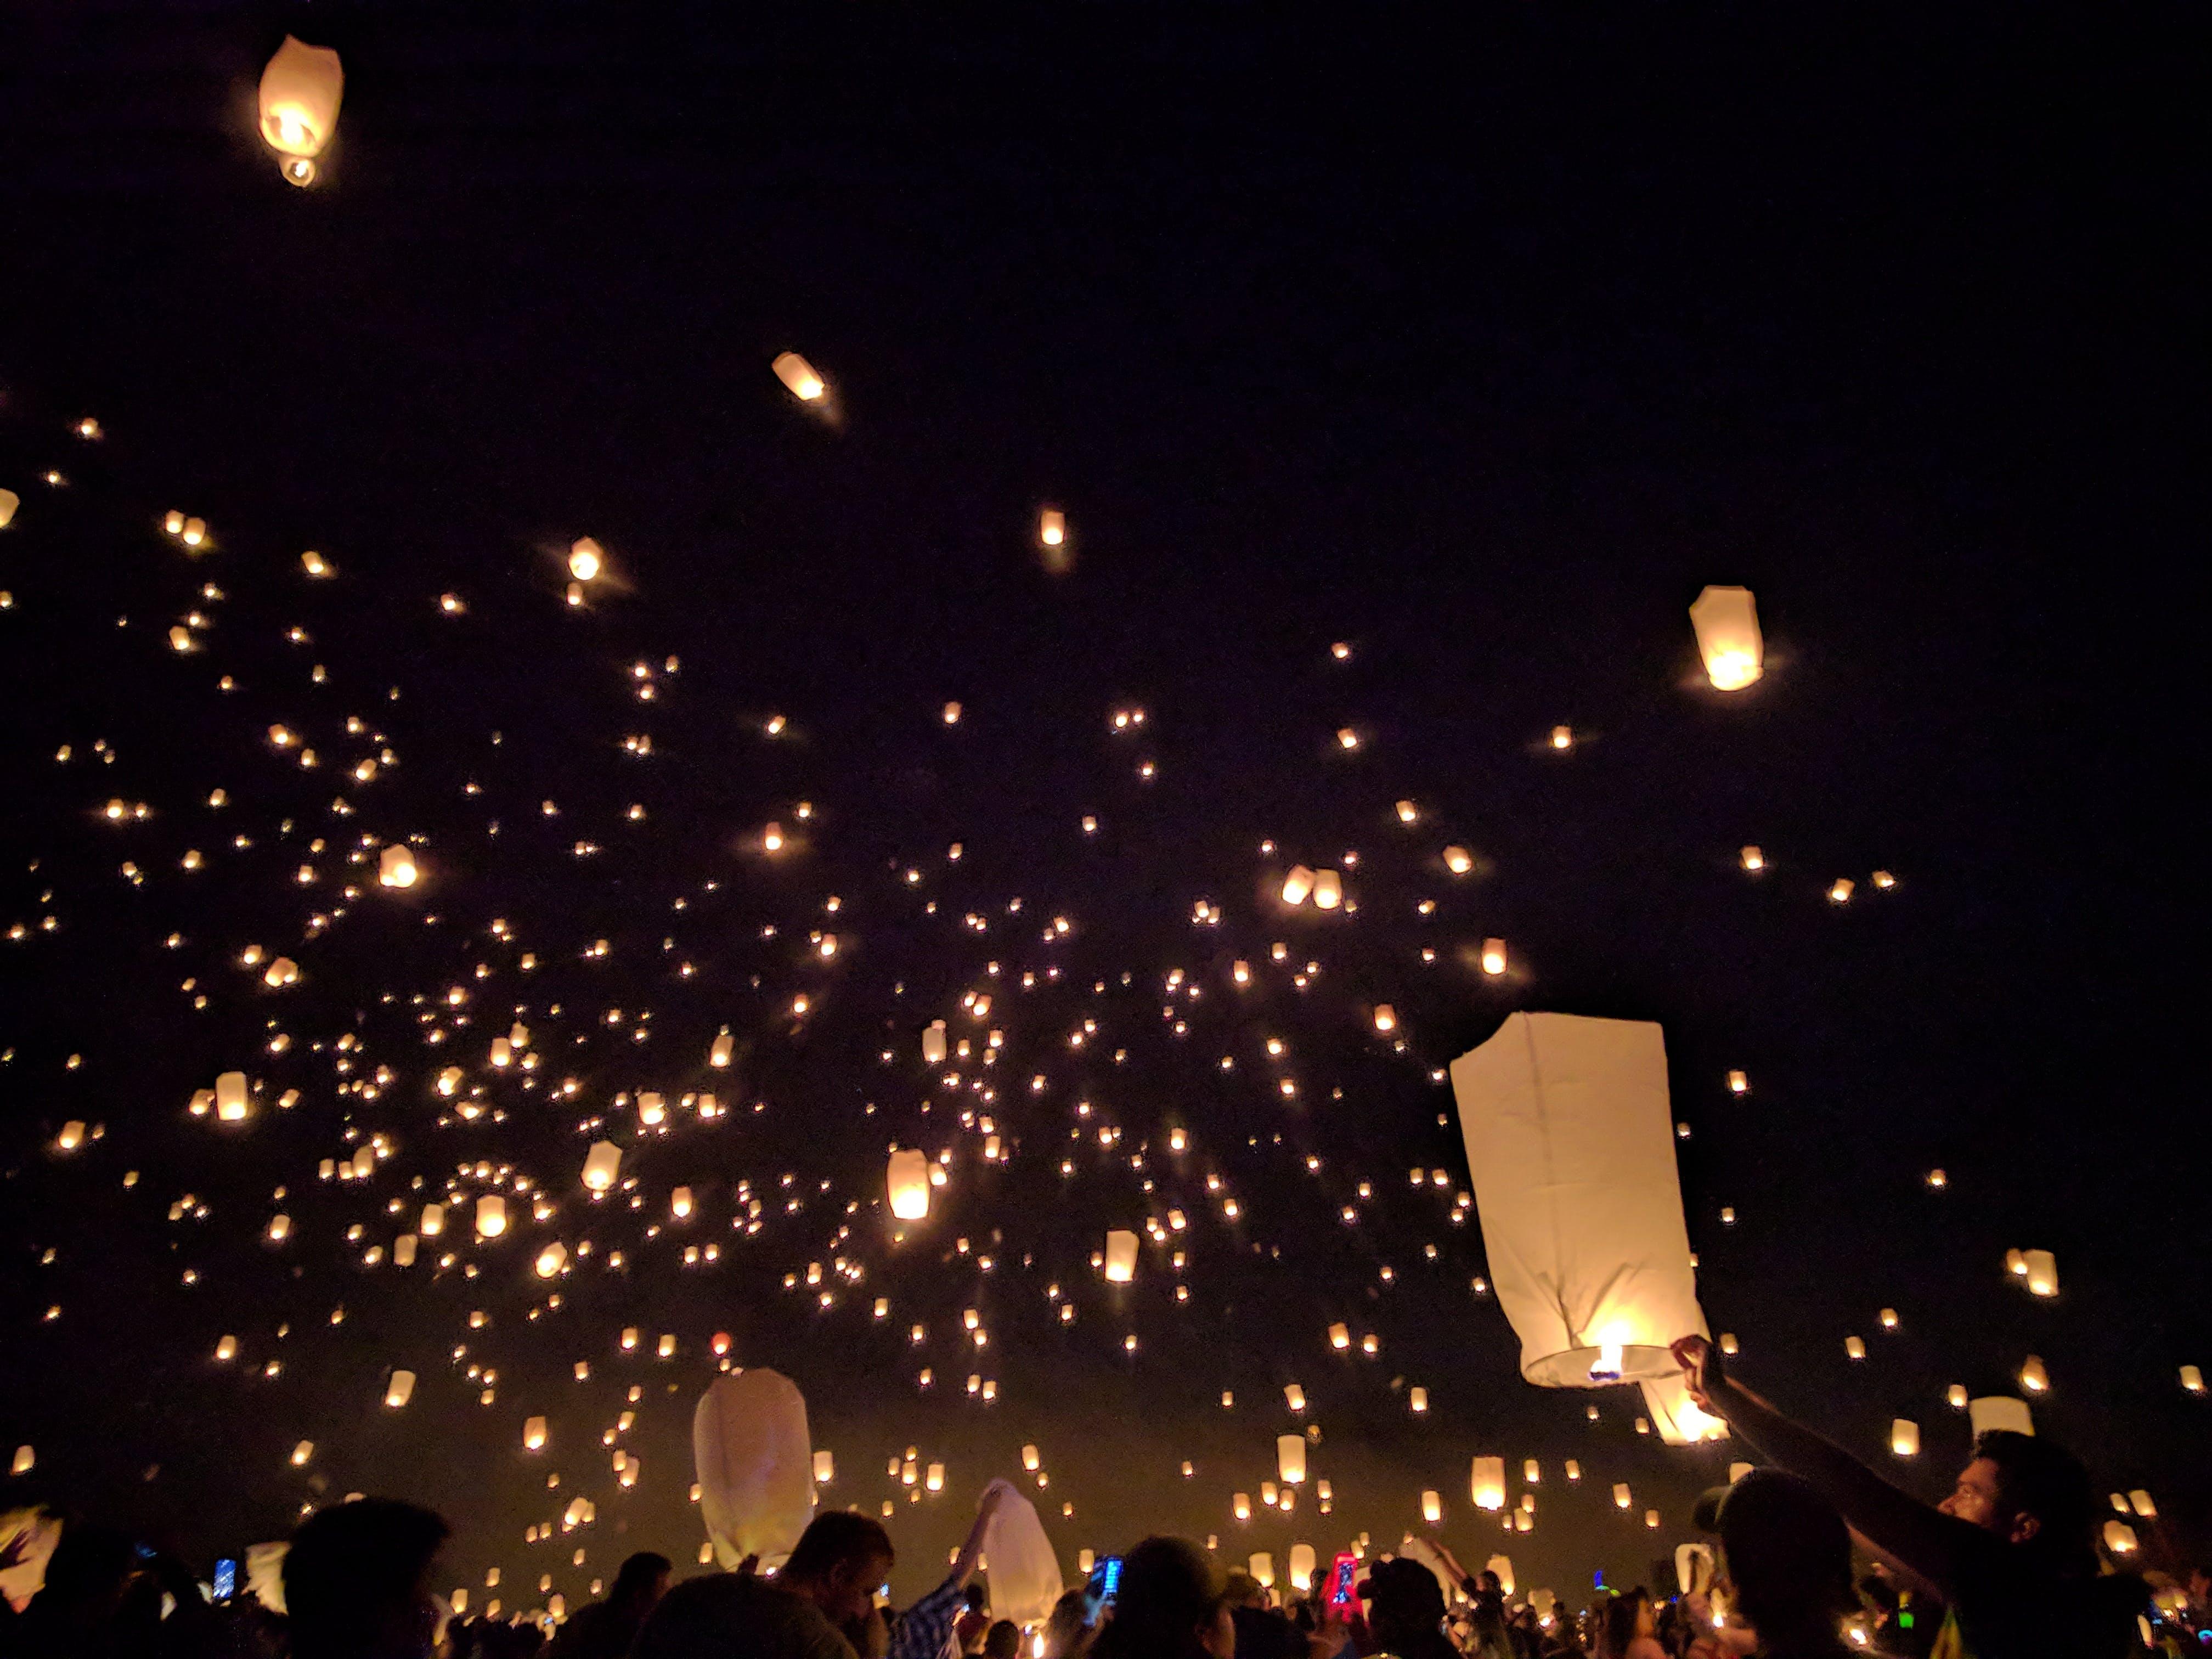 Kostenloses Stock Foto zu beleuchtet, beleuchtung, dunkel, feier